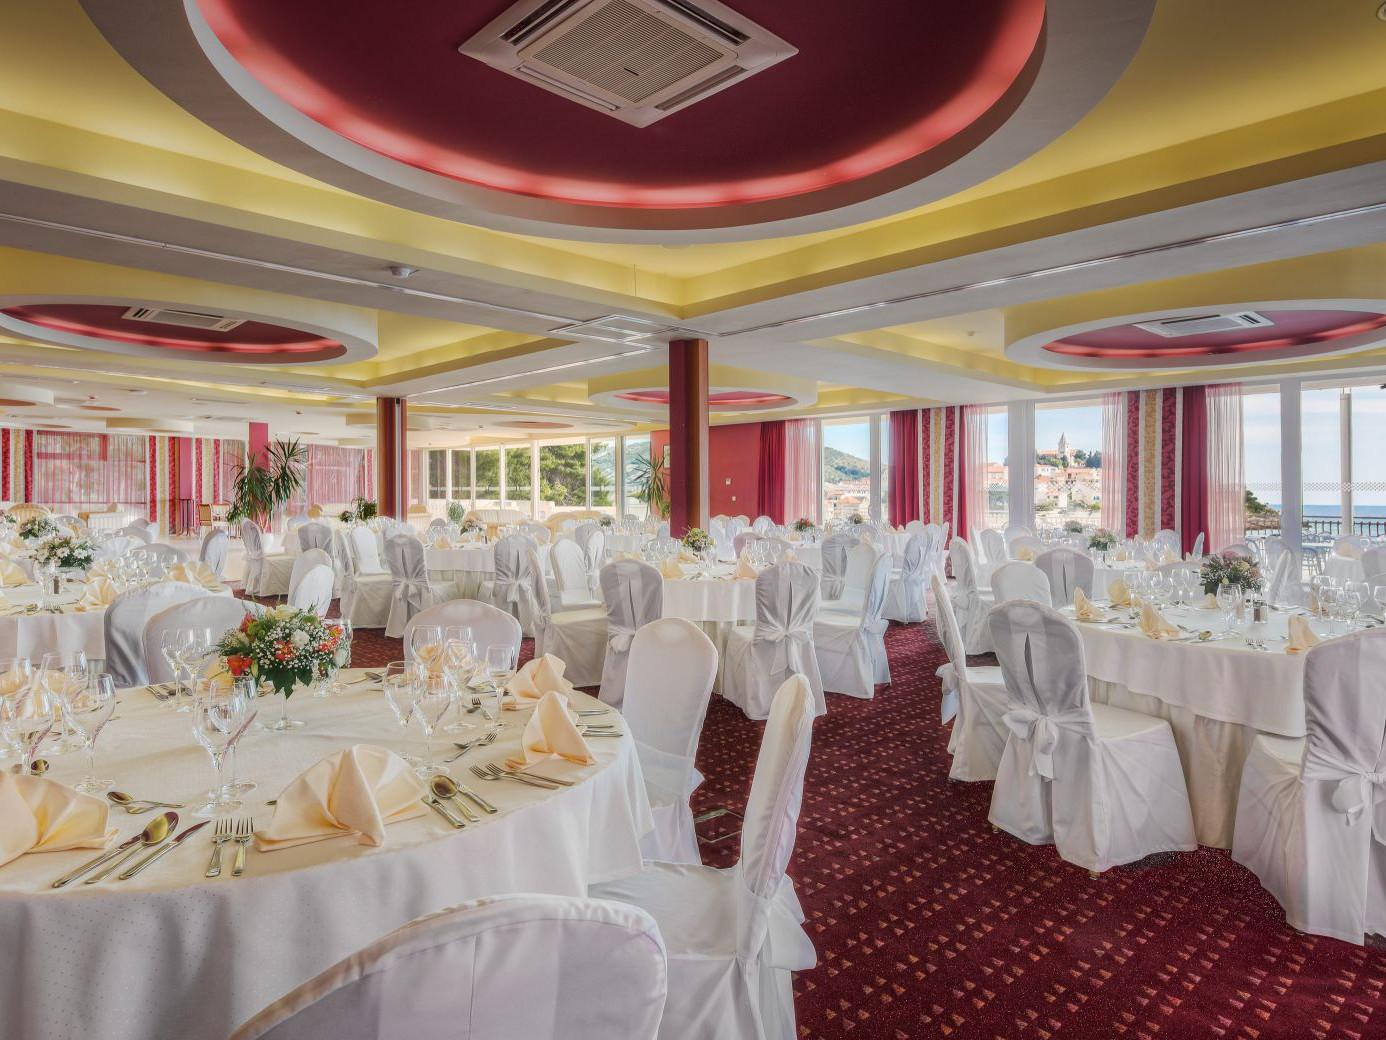 congress center gala dinner 04 14639492418 o uai - Zora Hotel